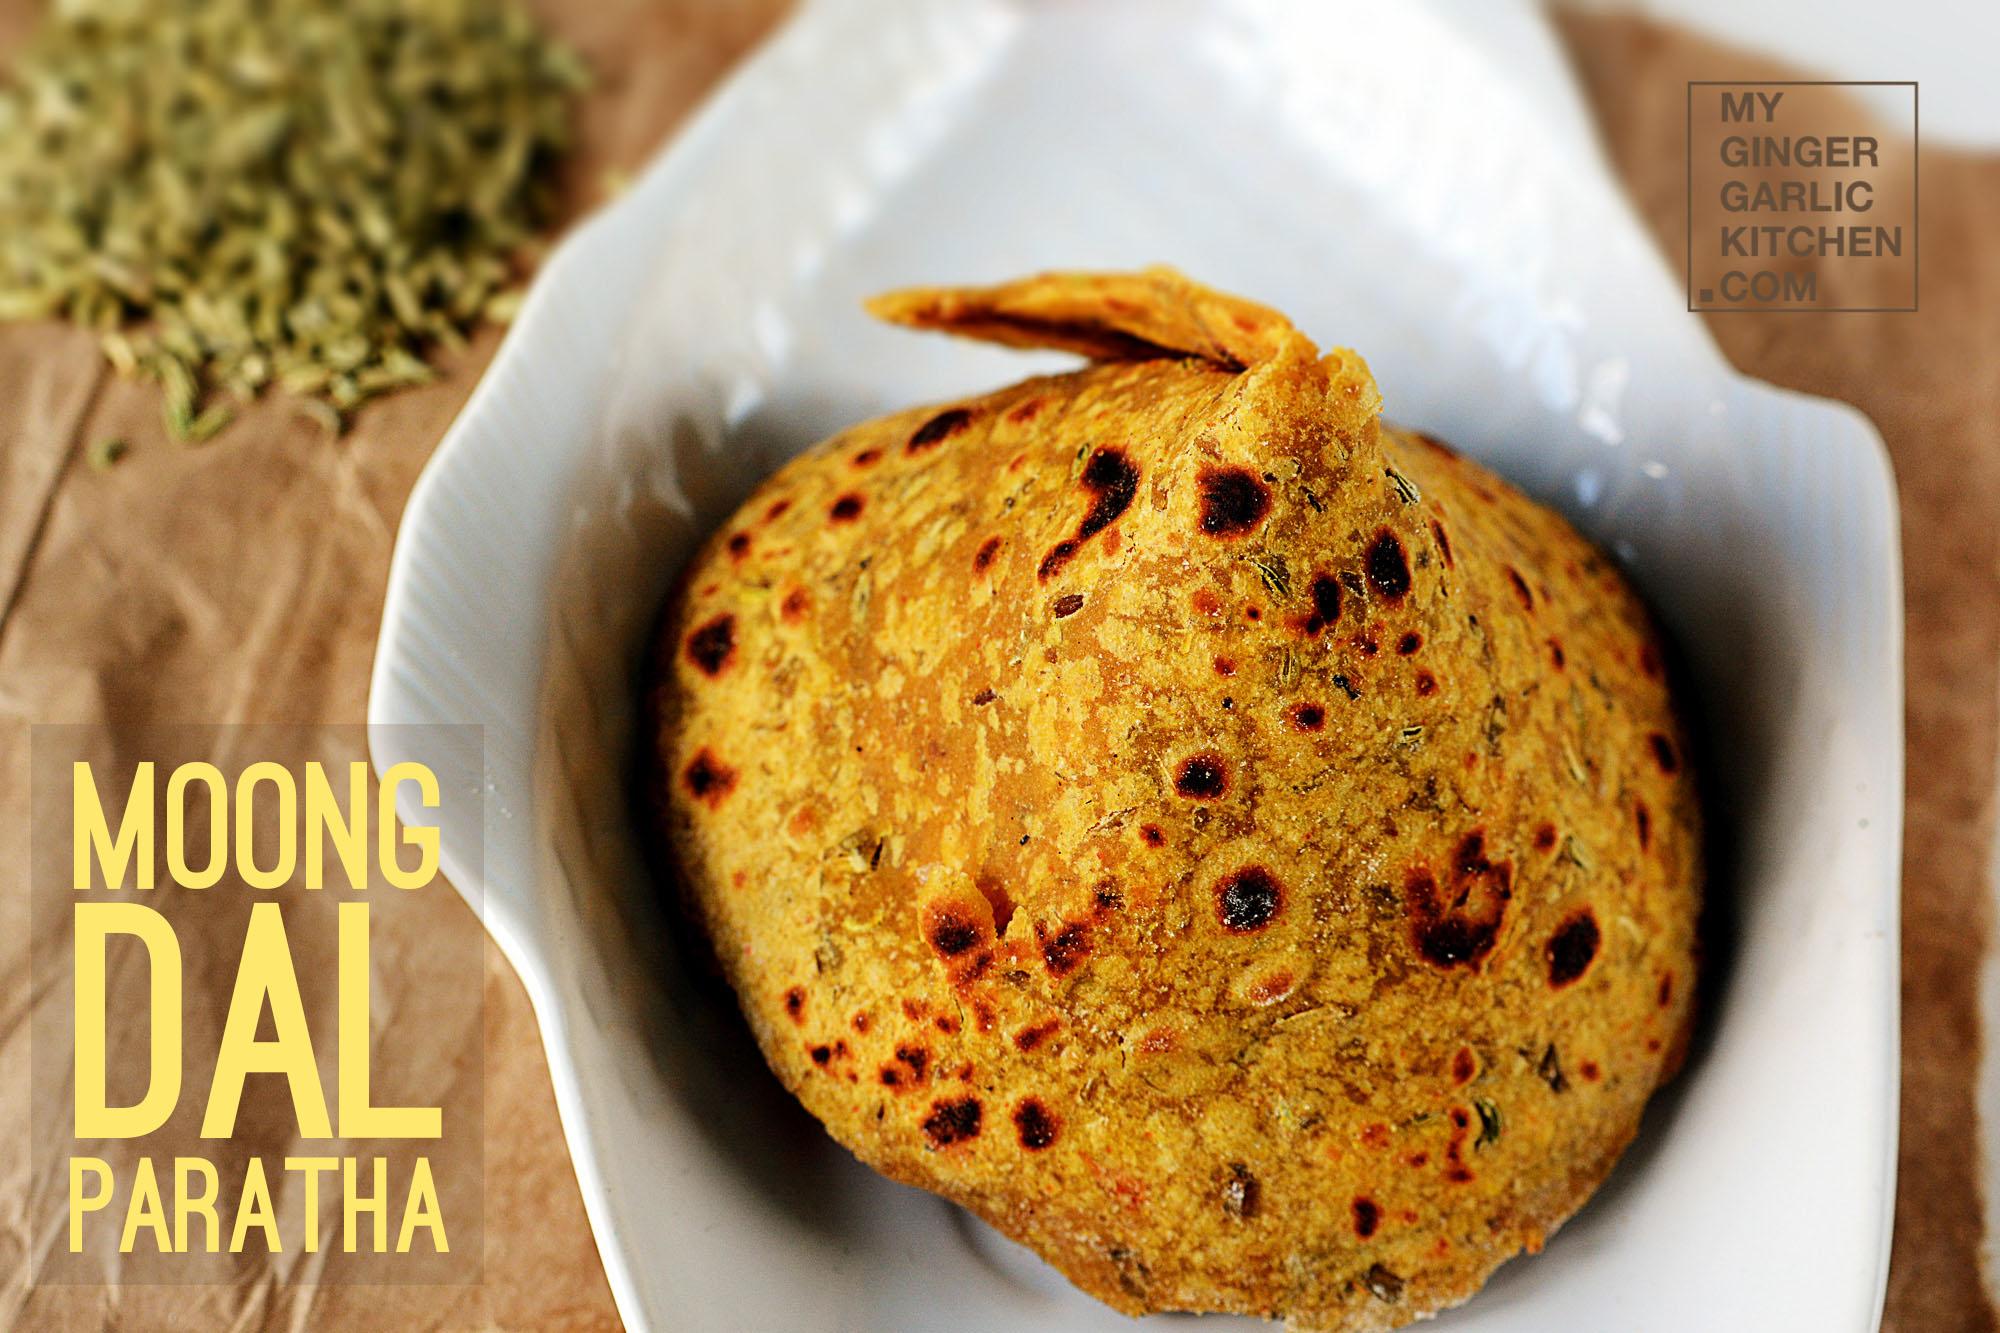 recipe-moon-dal-paratha-anupama-paliwal-my-ginger-garlic-kitchen-3 copy